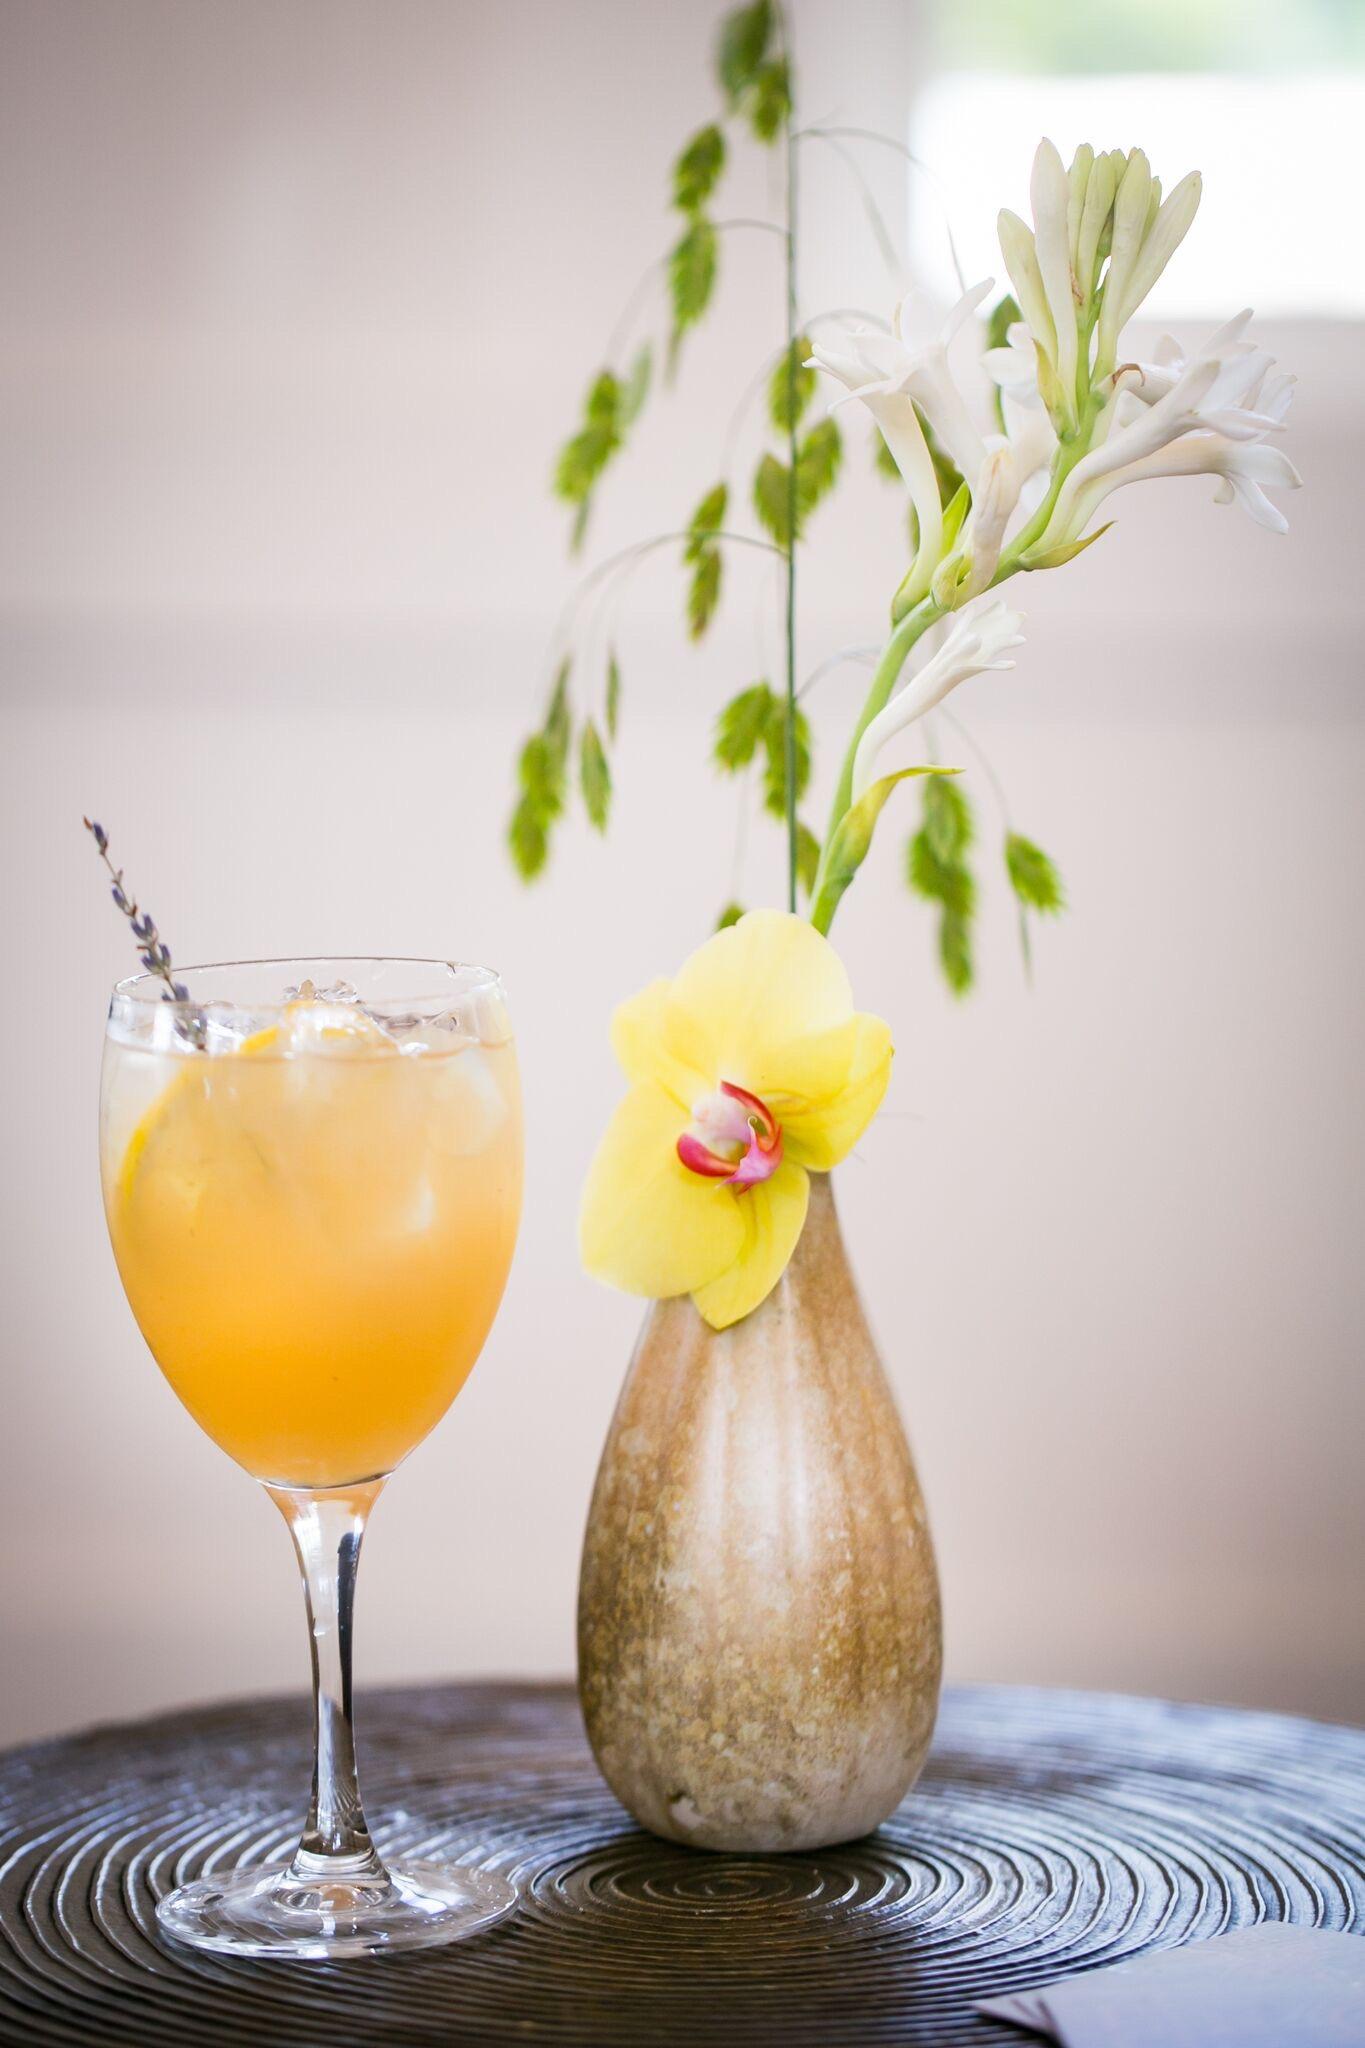 Drink Slingers Austin Event Bartenders Image 73